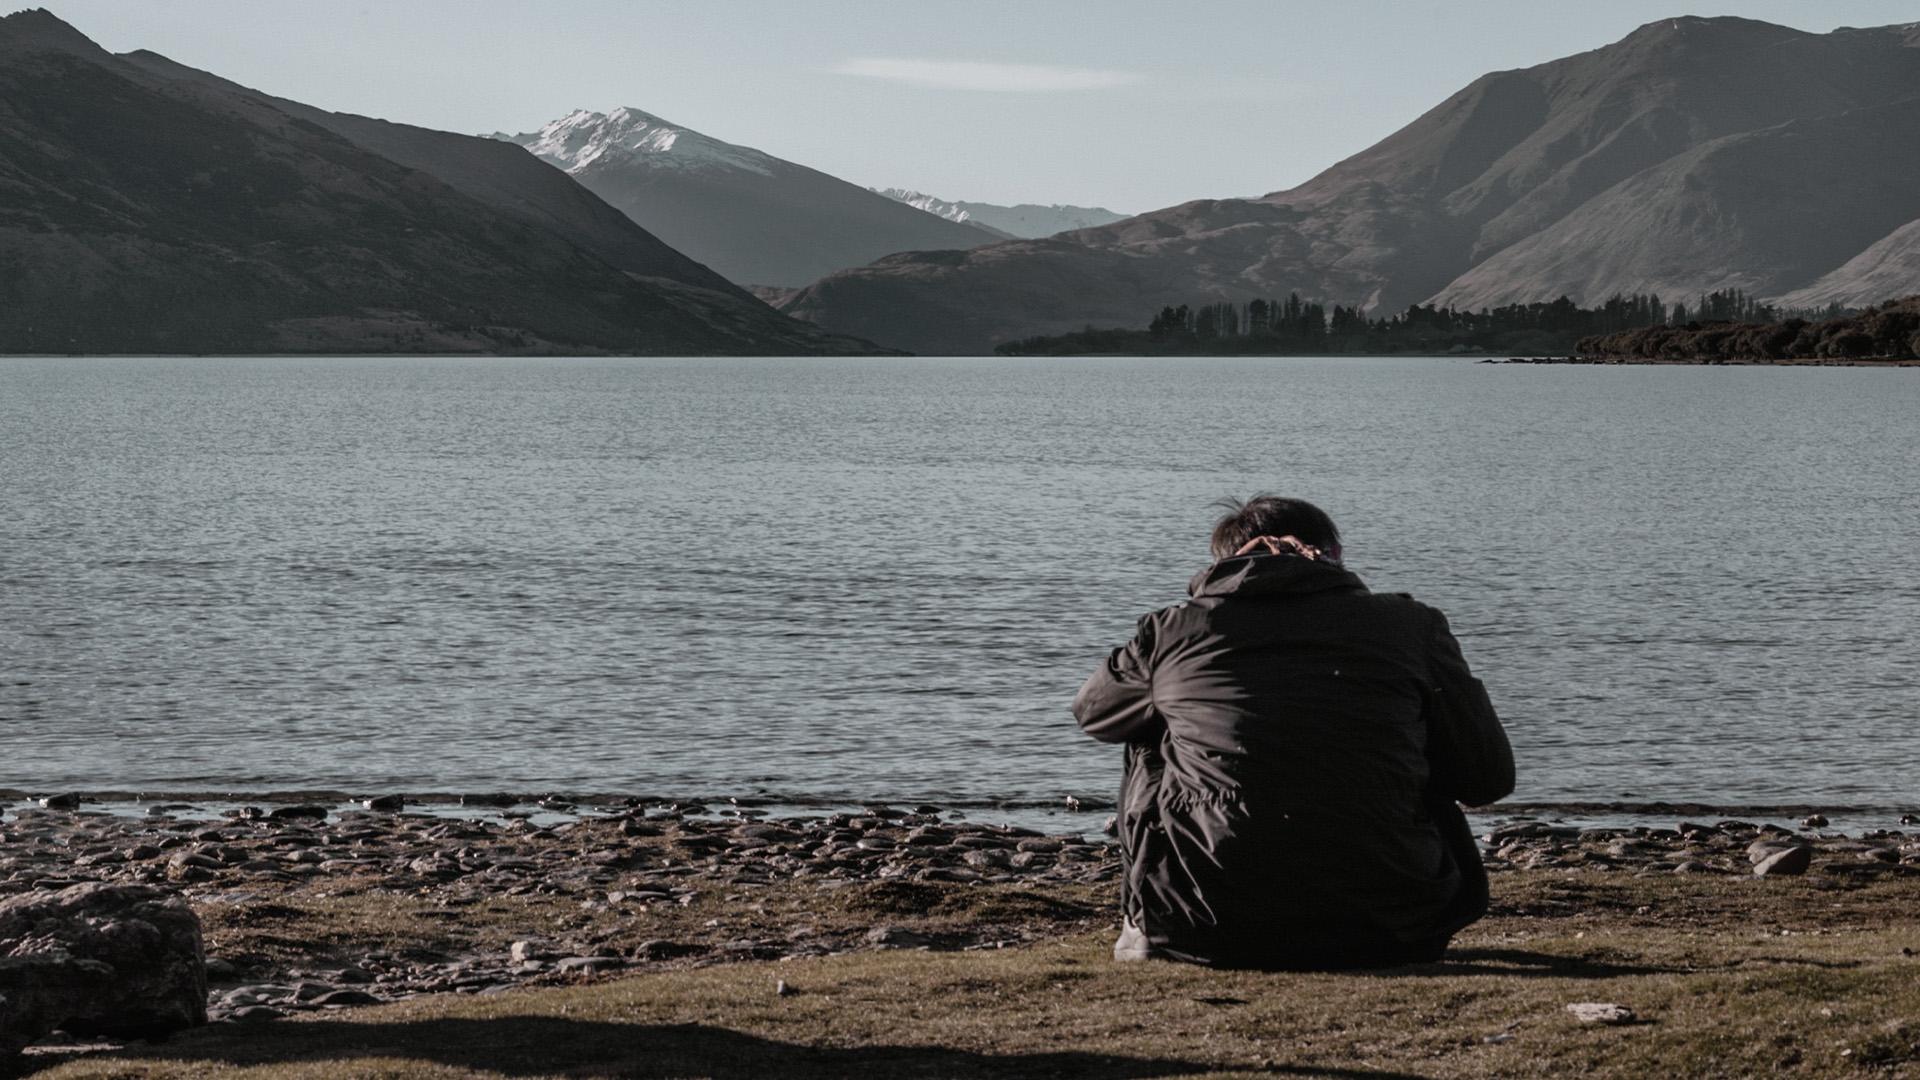 Articulating Depression